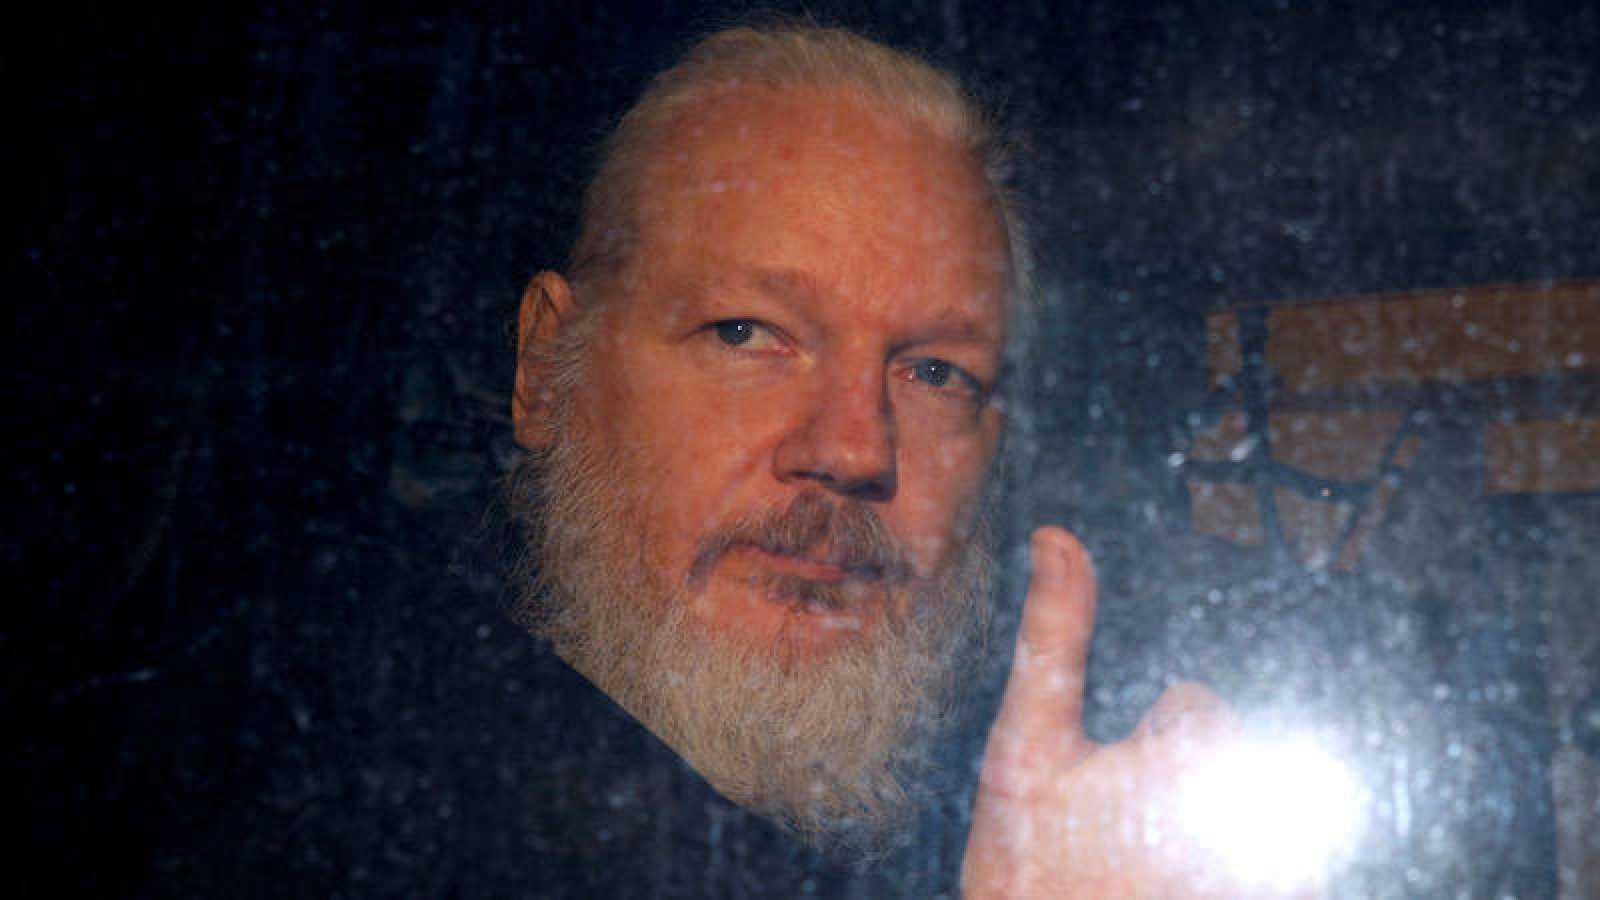 El fundador de WikiLeaks, Julian Assange, es trasladado tras su arresto.